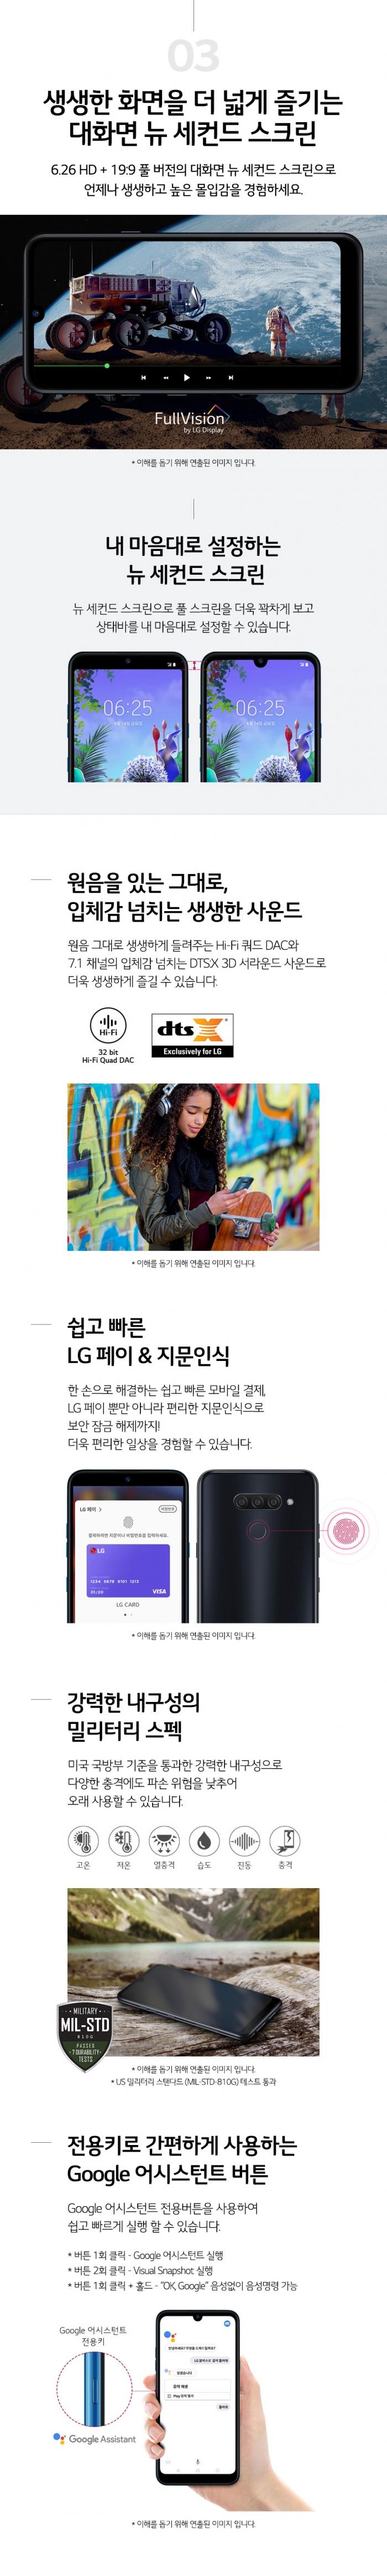 LM_X625N_04.jpg